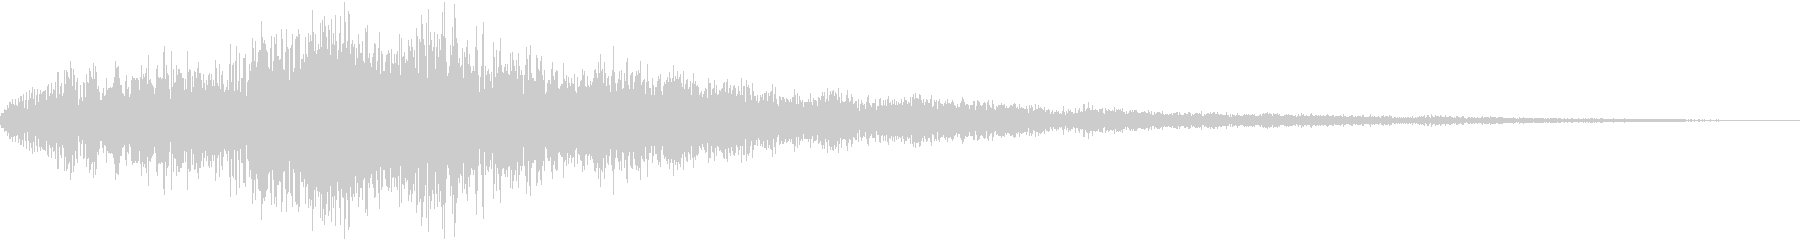 RPG等の勝利ファンファーレの音の未再生の波形